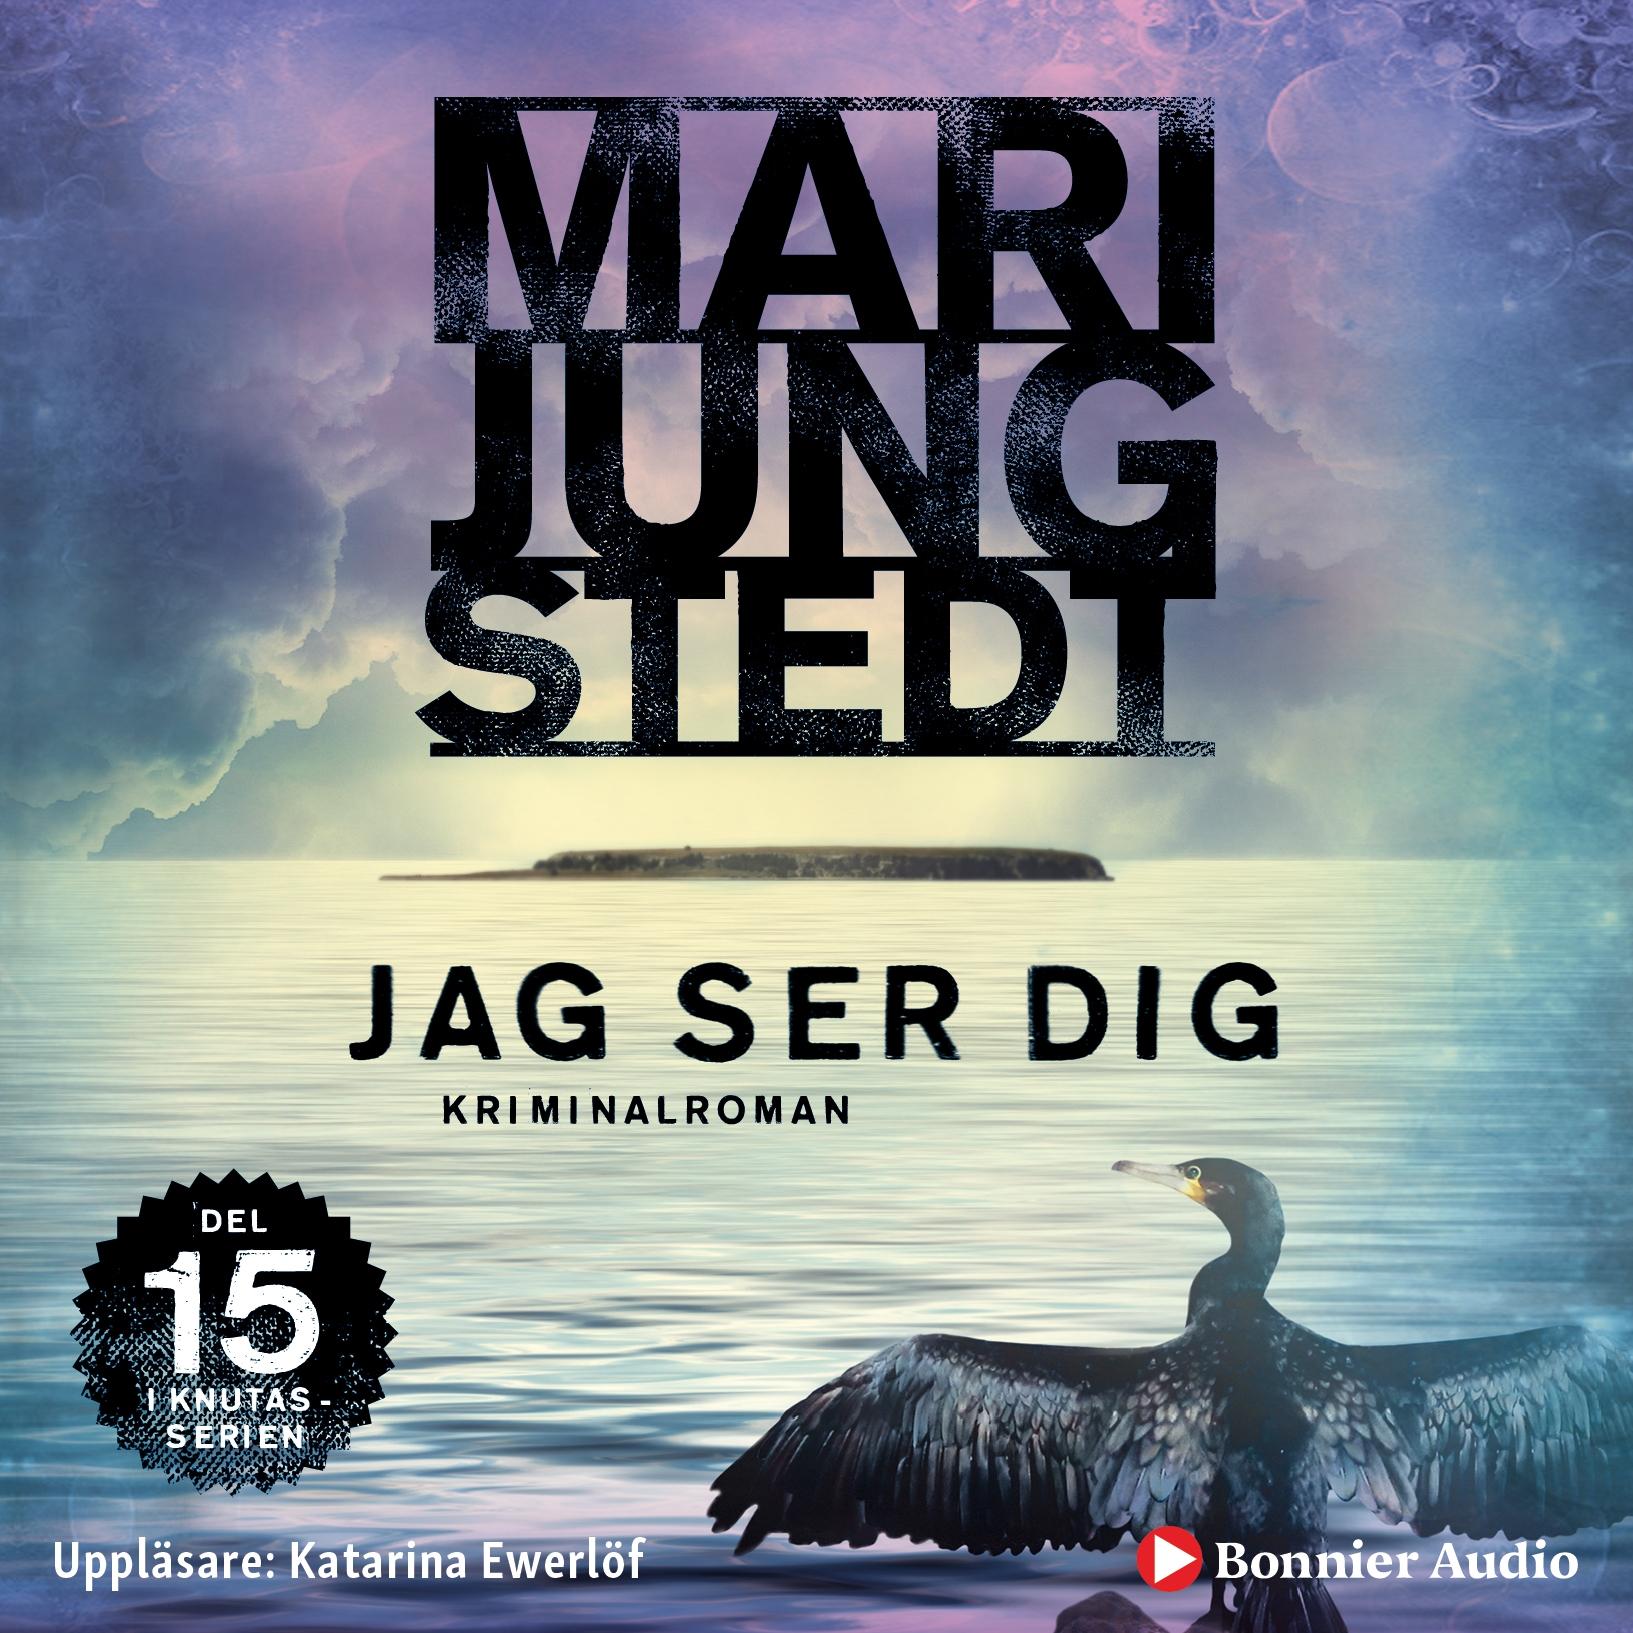 Jag ser dig - Maria Jungstedt